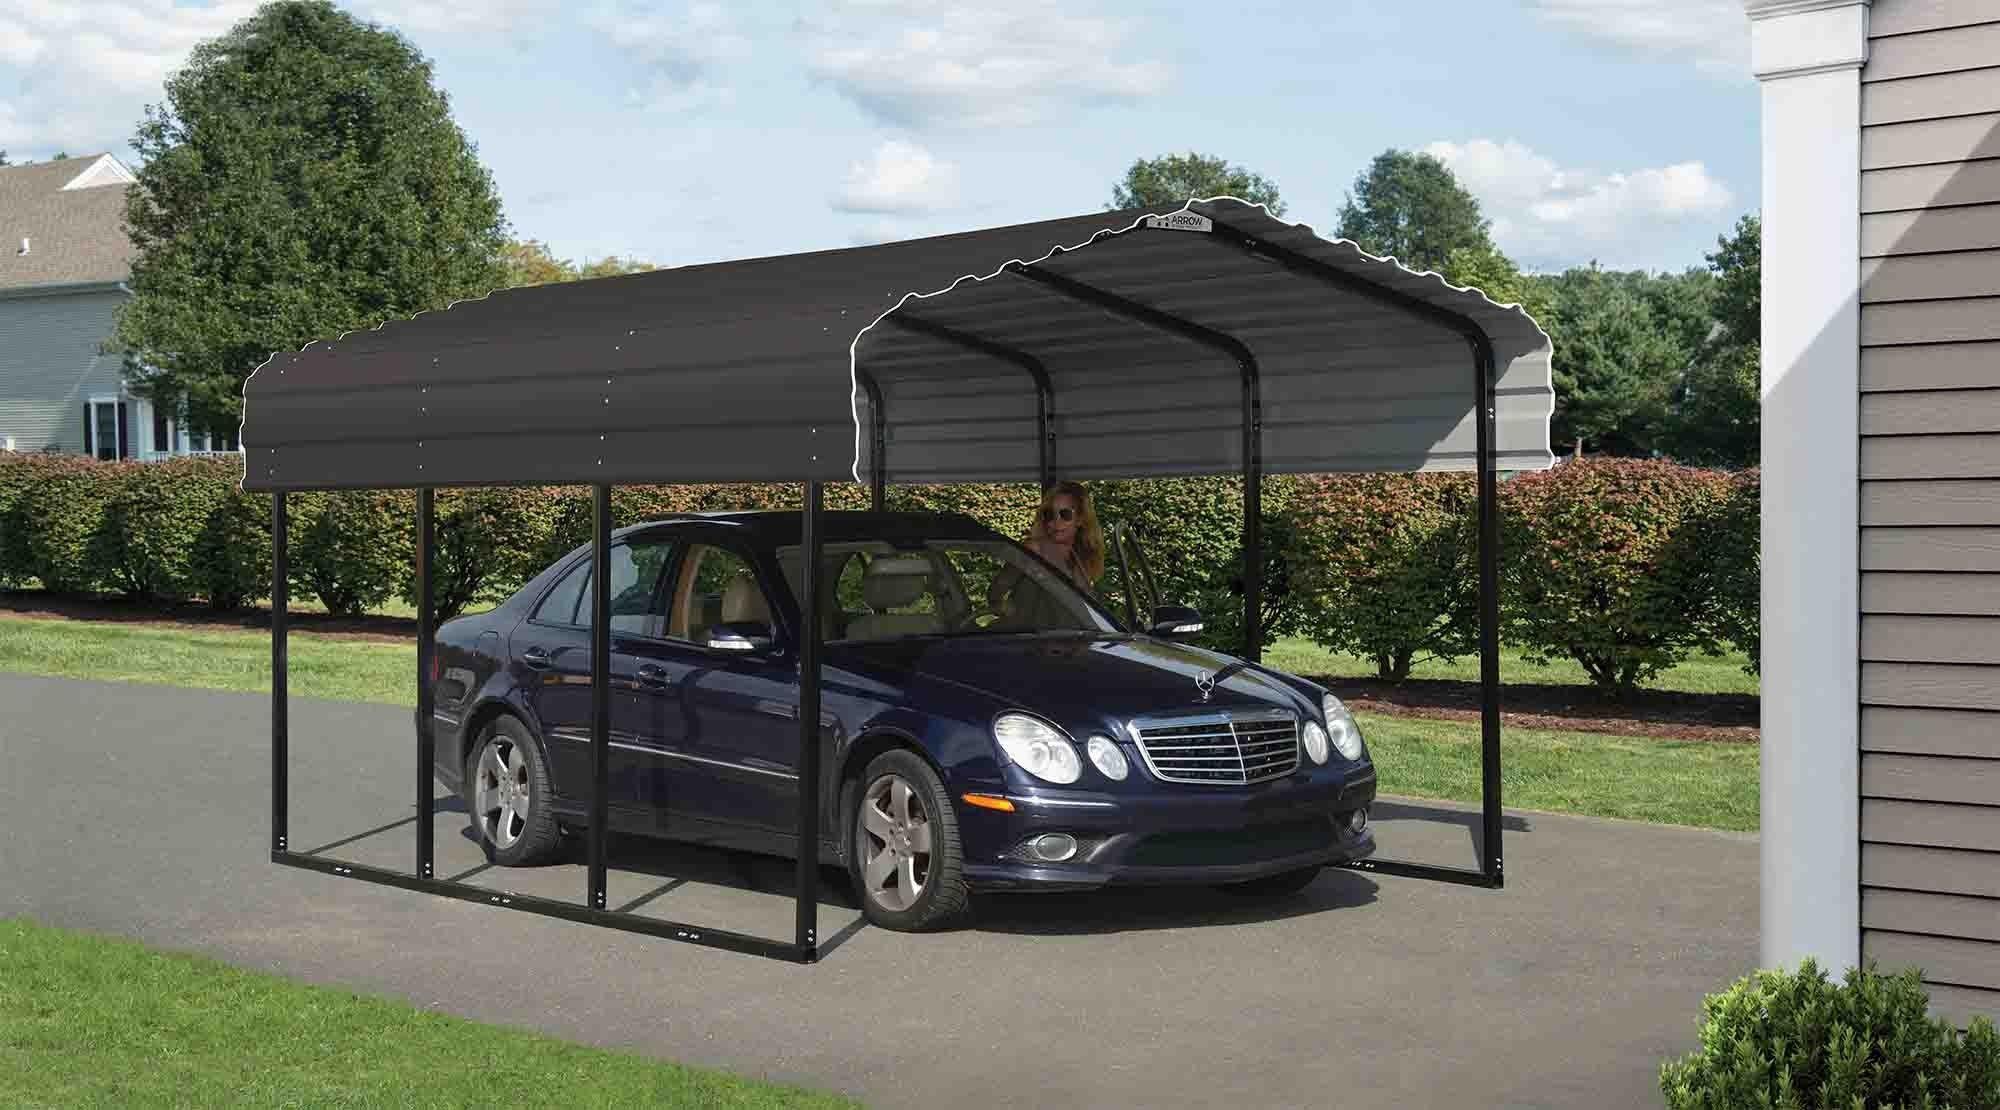 Arrow Carport 10x15x7, 29 Gauge Galvanized Steel Roof